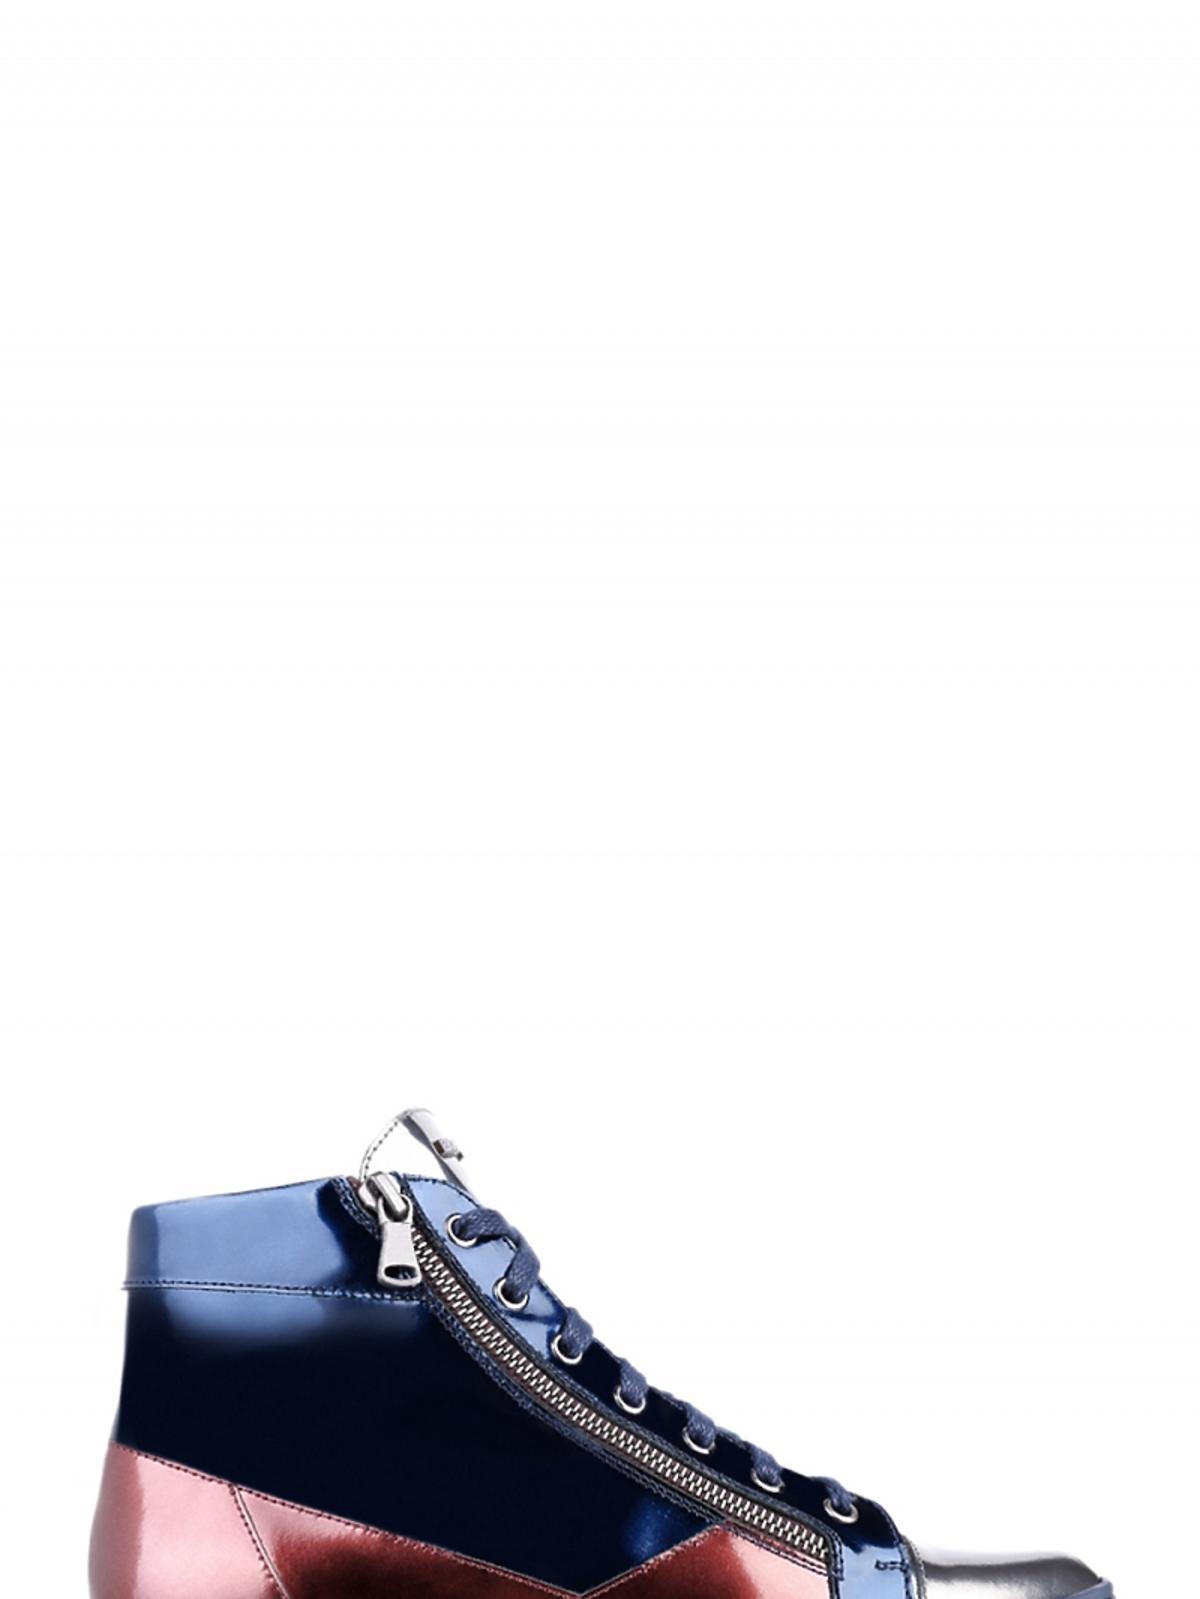 metliczne buty za kostkę na płaskiej podeszewie niebieko-czarno-czerwone